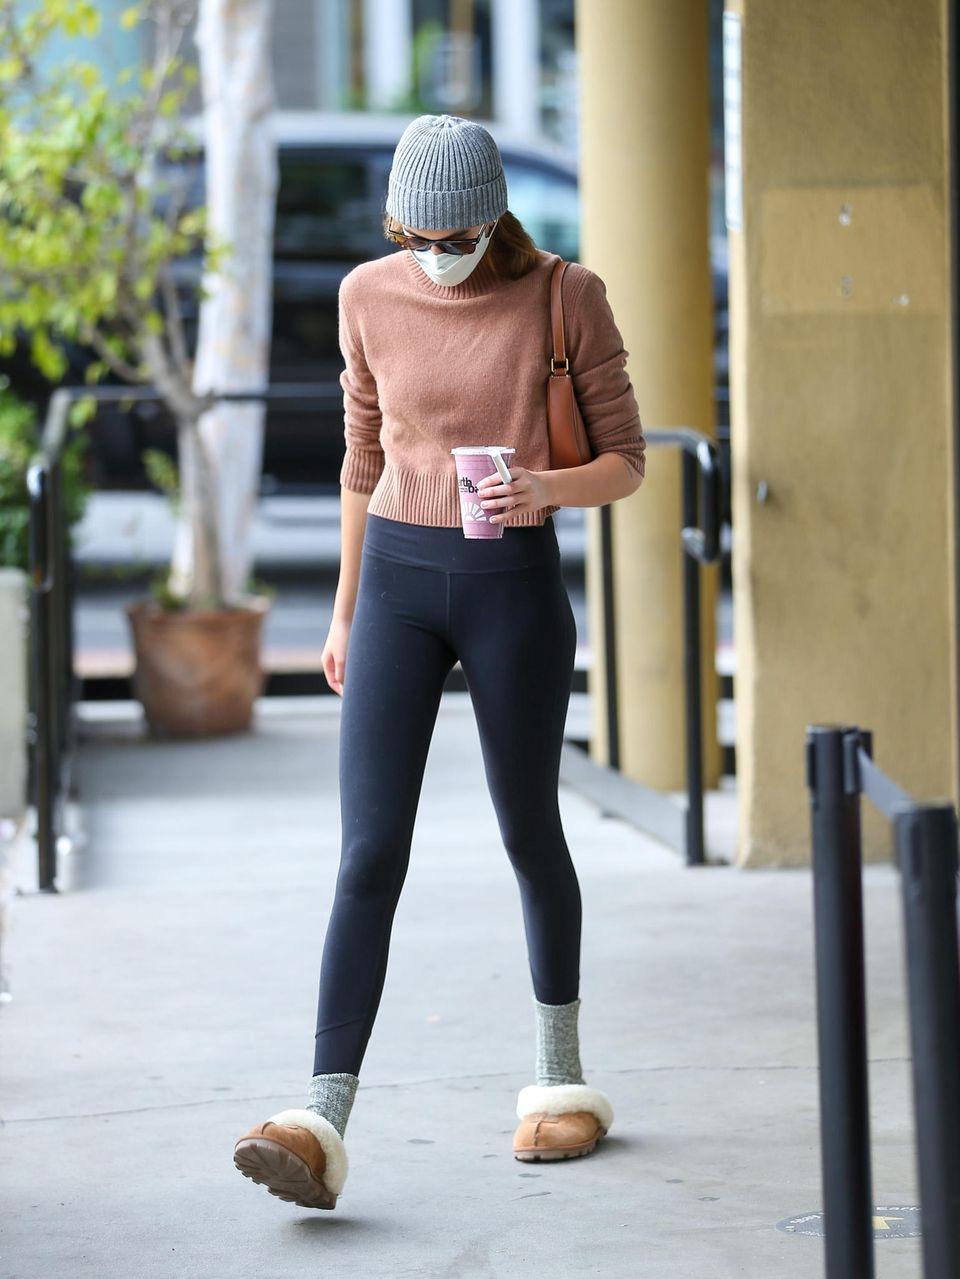 Kaia Gerber hat bereits im letzten Jahr ihre Leidenschaft für gemütliche Slippers entdeckt. Können wir gut nachvollziehen, denn ihre Lammfellschlappen von UGG sindkuschelig weich – auf der Straße, in Kombination mit grauen Wollsocken werden sie allerdings zum No-go.